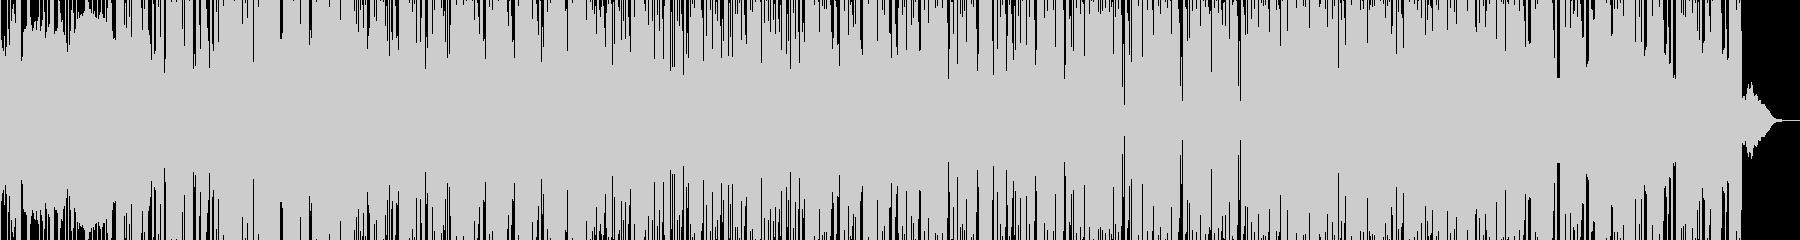 ホラー映画のBGMに使える怪しげな曲の未再生の波形